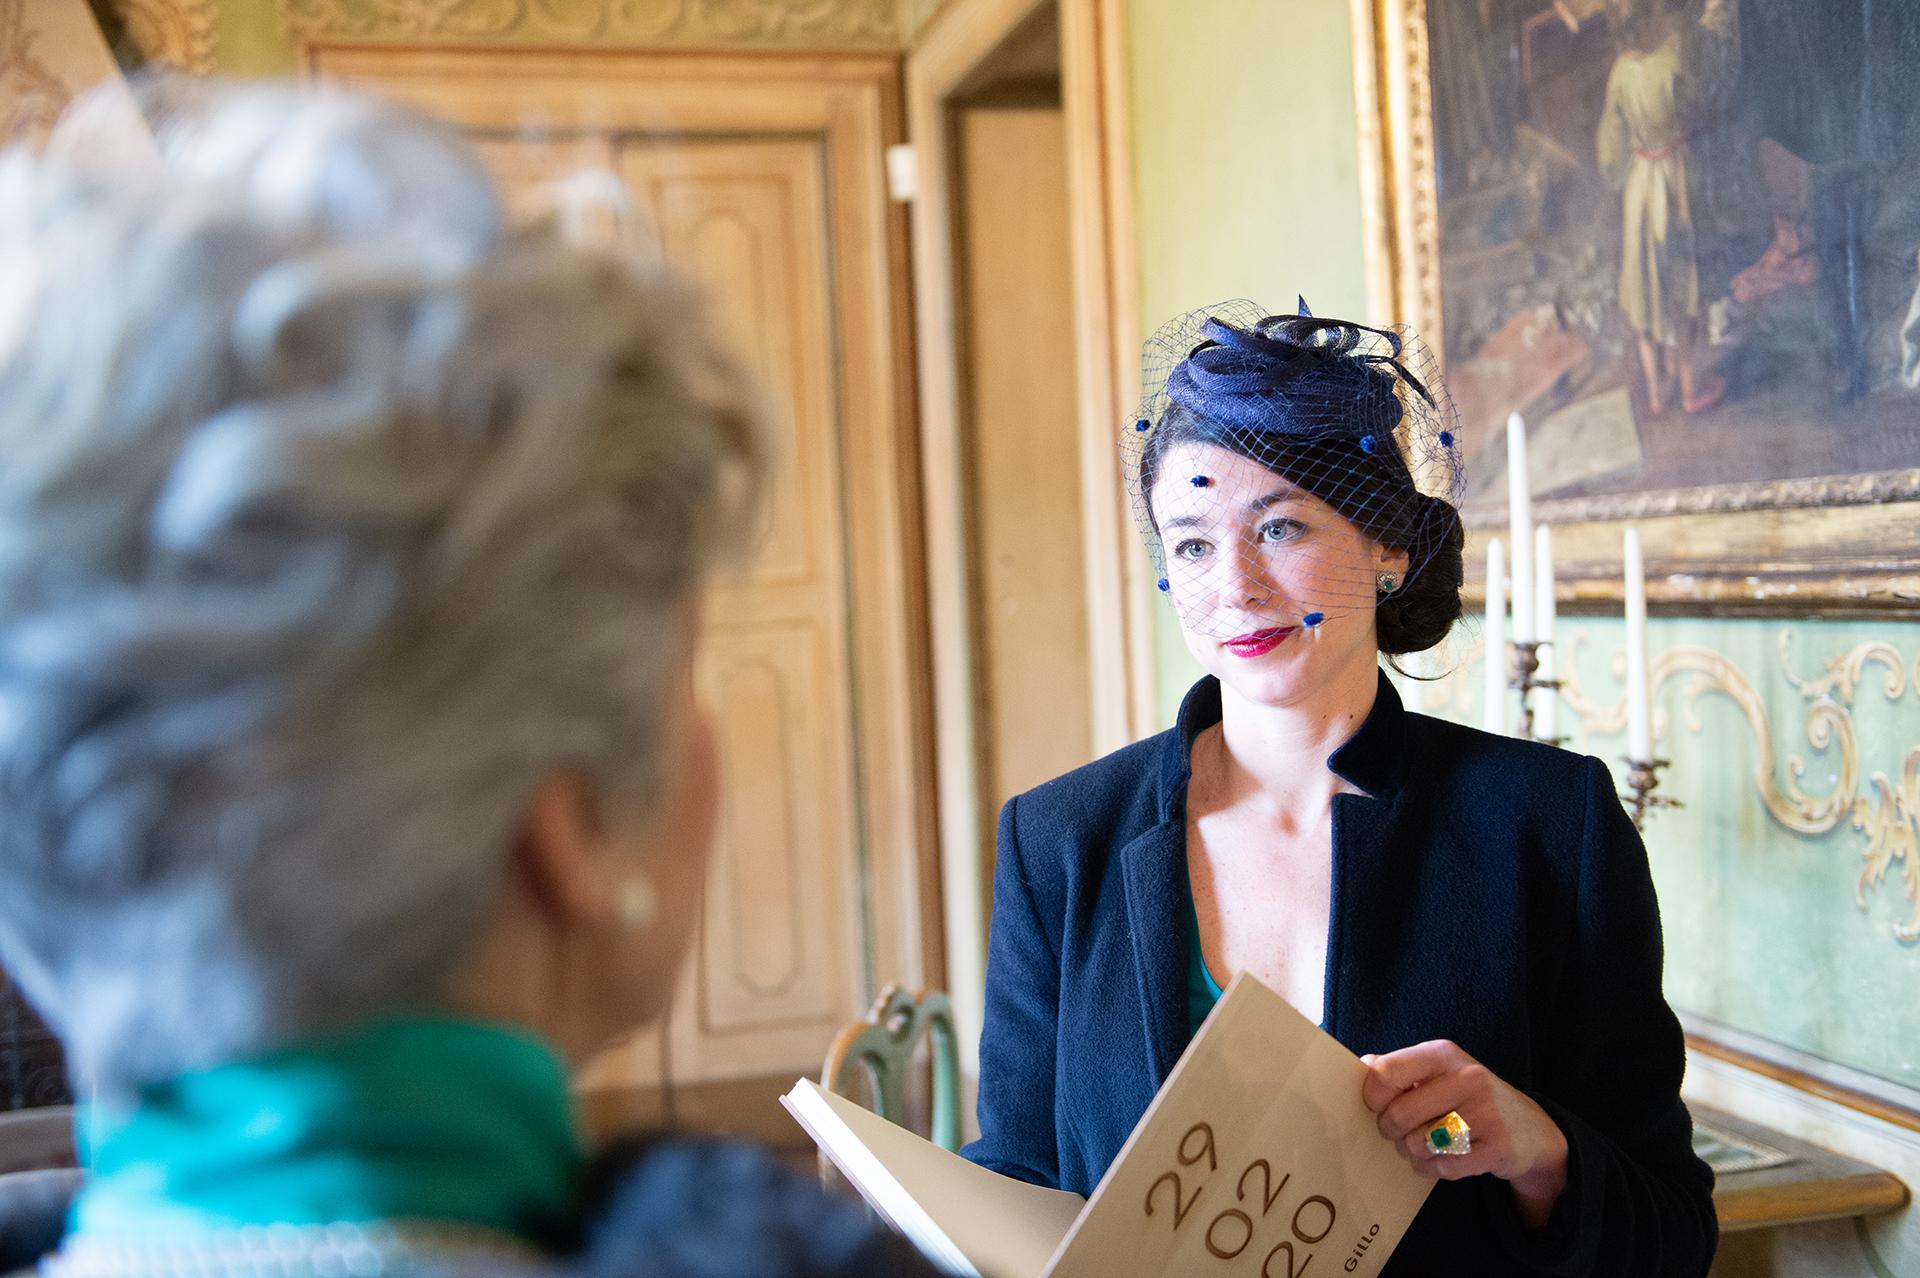 La soeur du marié parle avec sa mère de la situation de Covid 19 en Italie, Lombardie, Pavie, Torre d Isola, Villa Botta Adorno